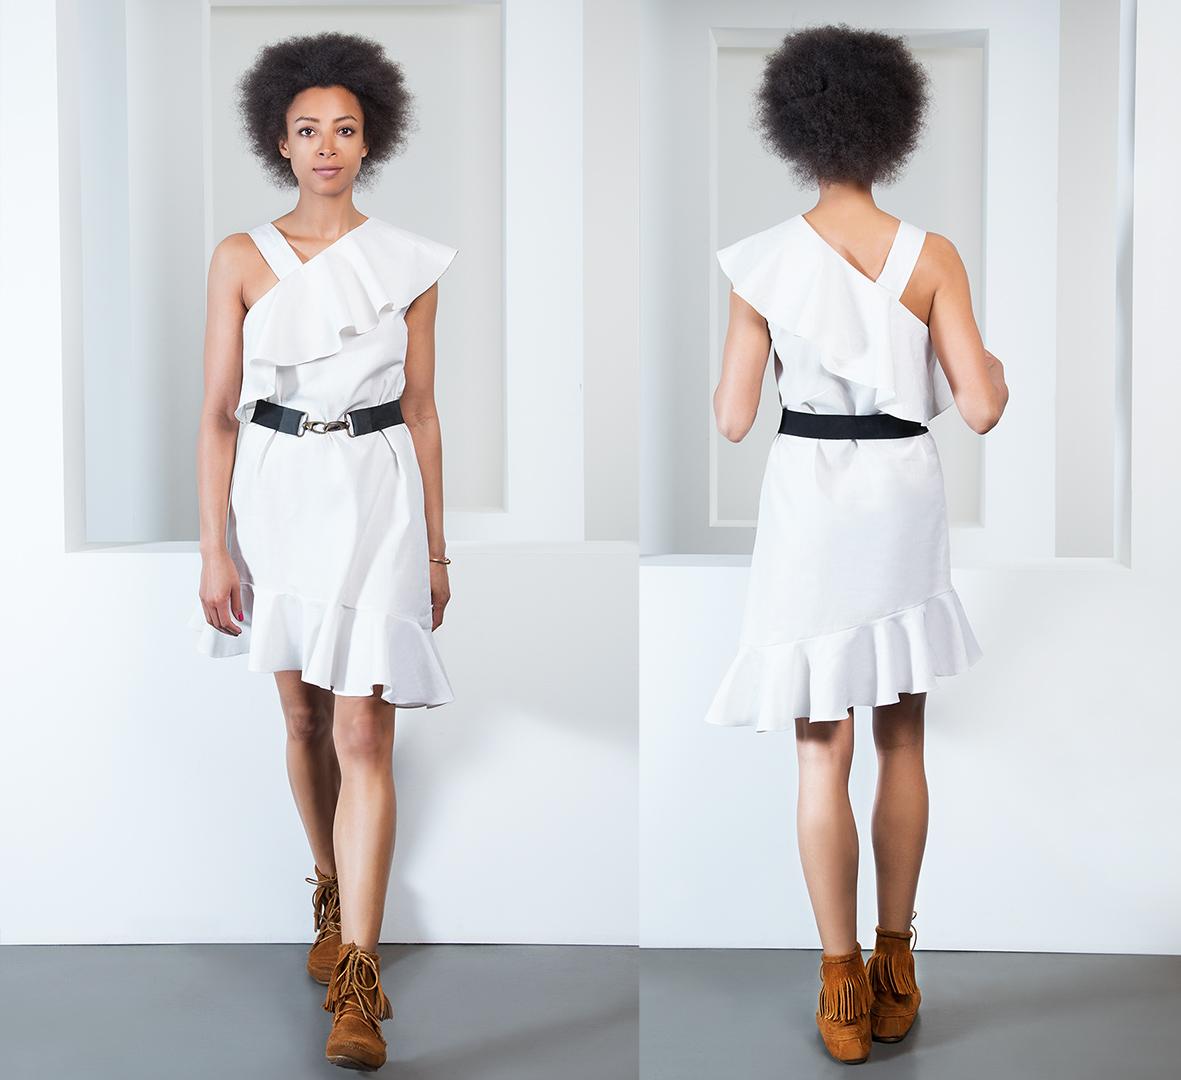 Schnittmuster Volantkleid | Fashionmakery